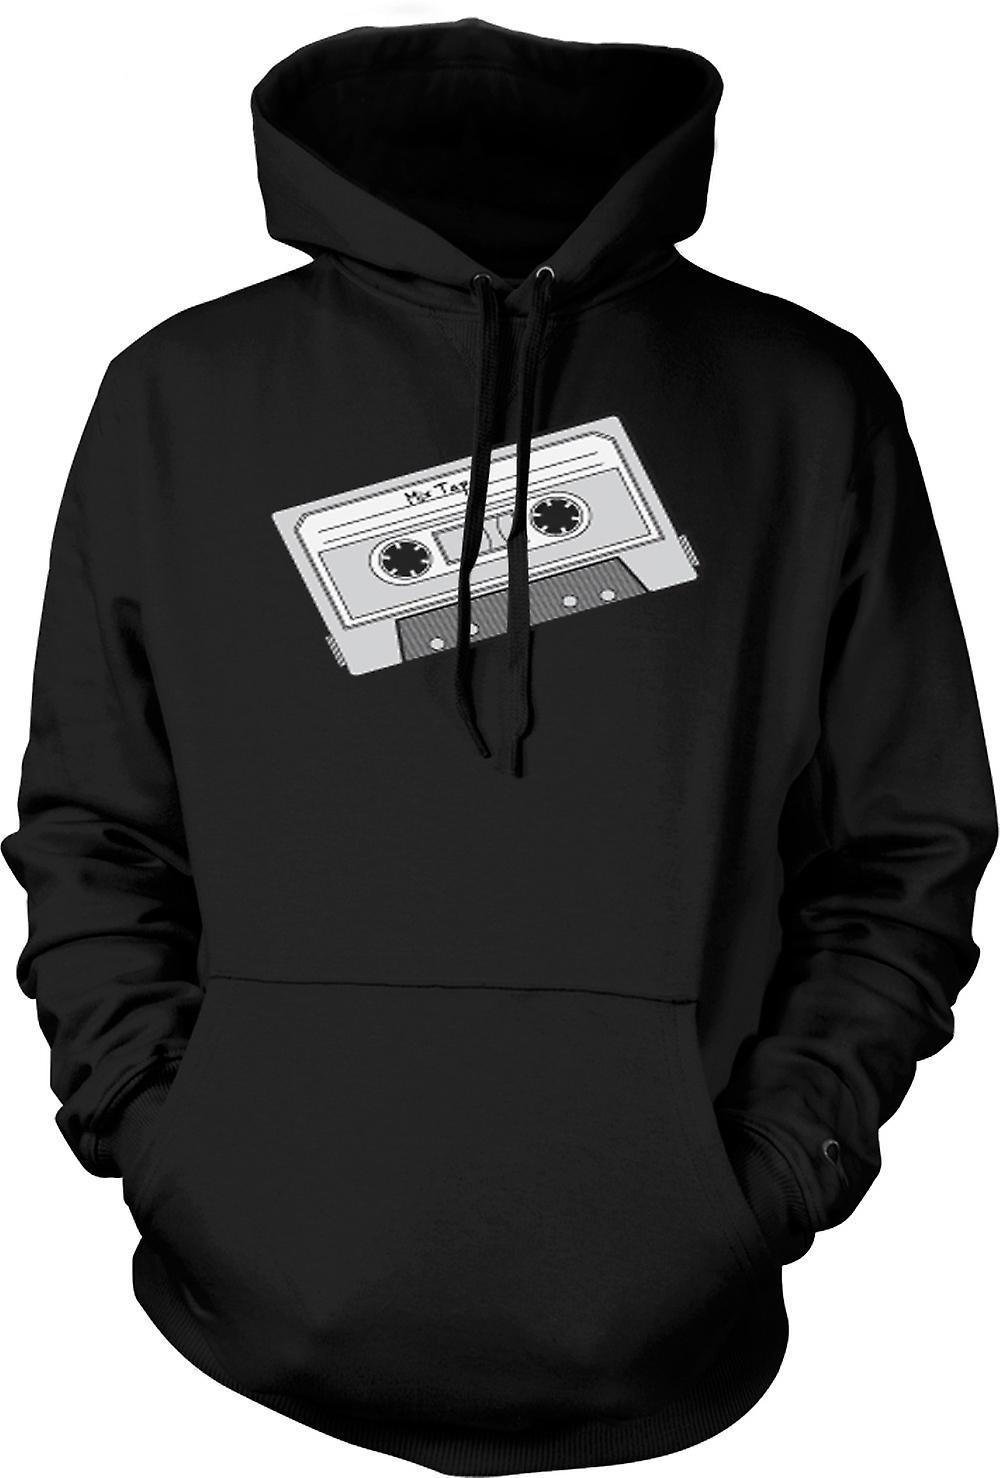 Mens Hoodie - Oldschool d'enregistreur à cassettes